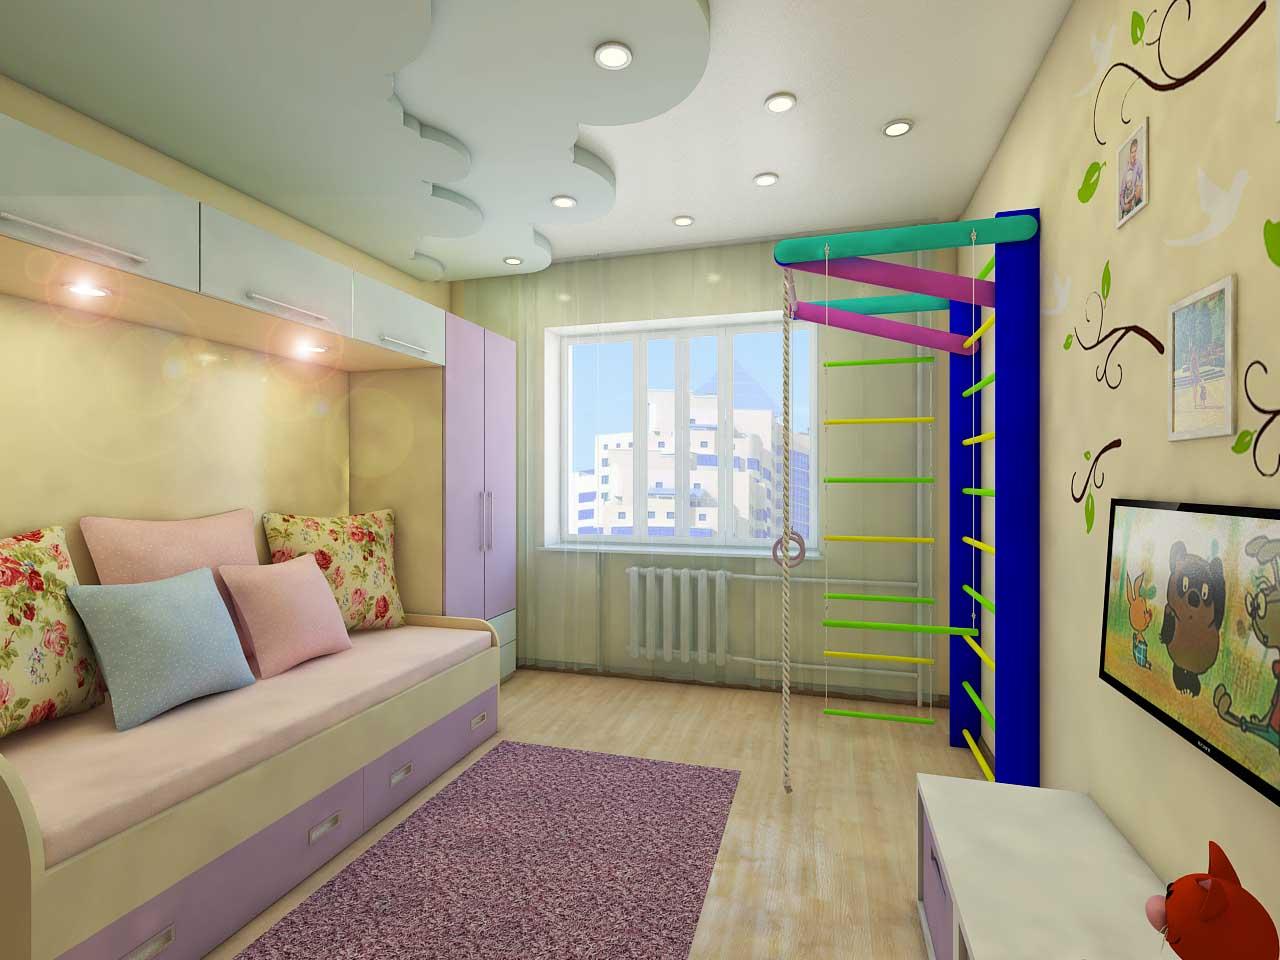 Дизайн-проект интерьера. Тюмень ул. Широтная д.158. Квартира для молодой семьи (9)